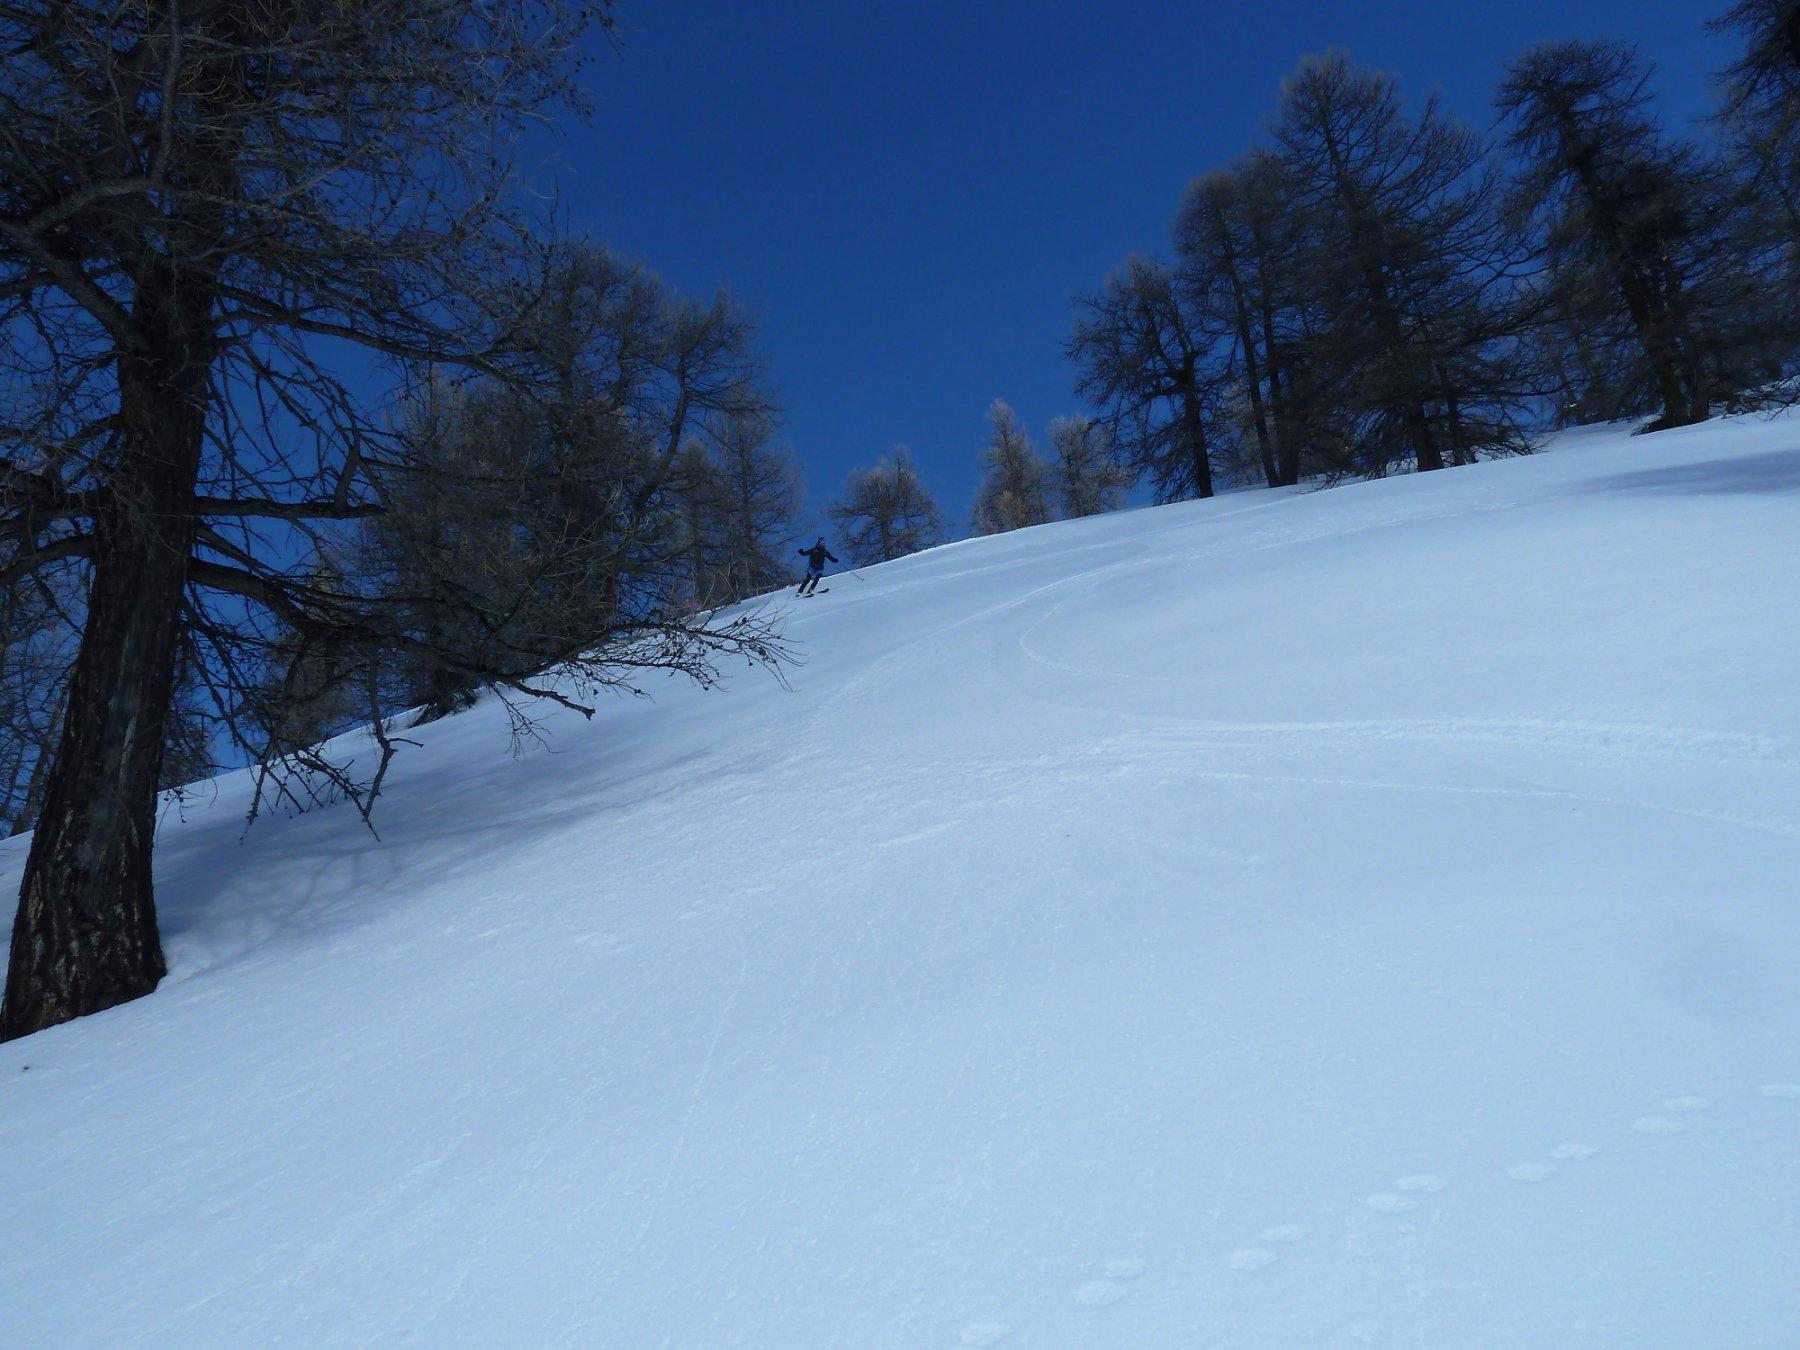 neve simil primaverile sul versante St. Paul